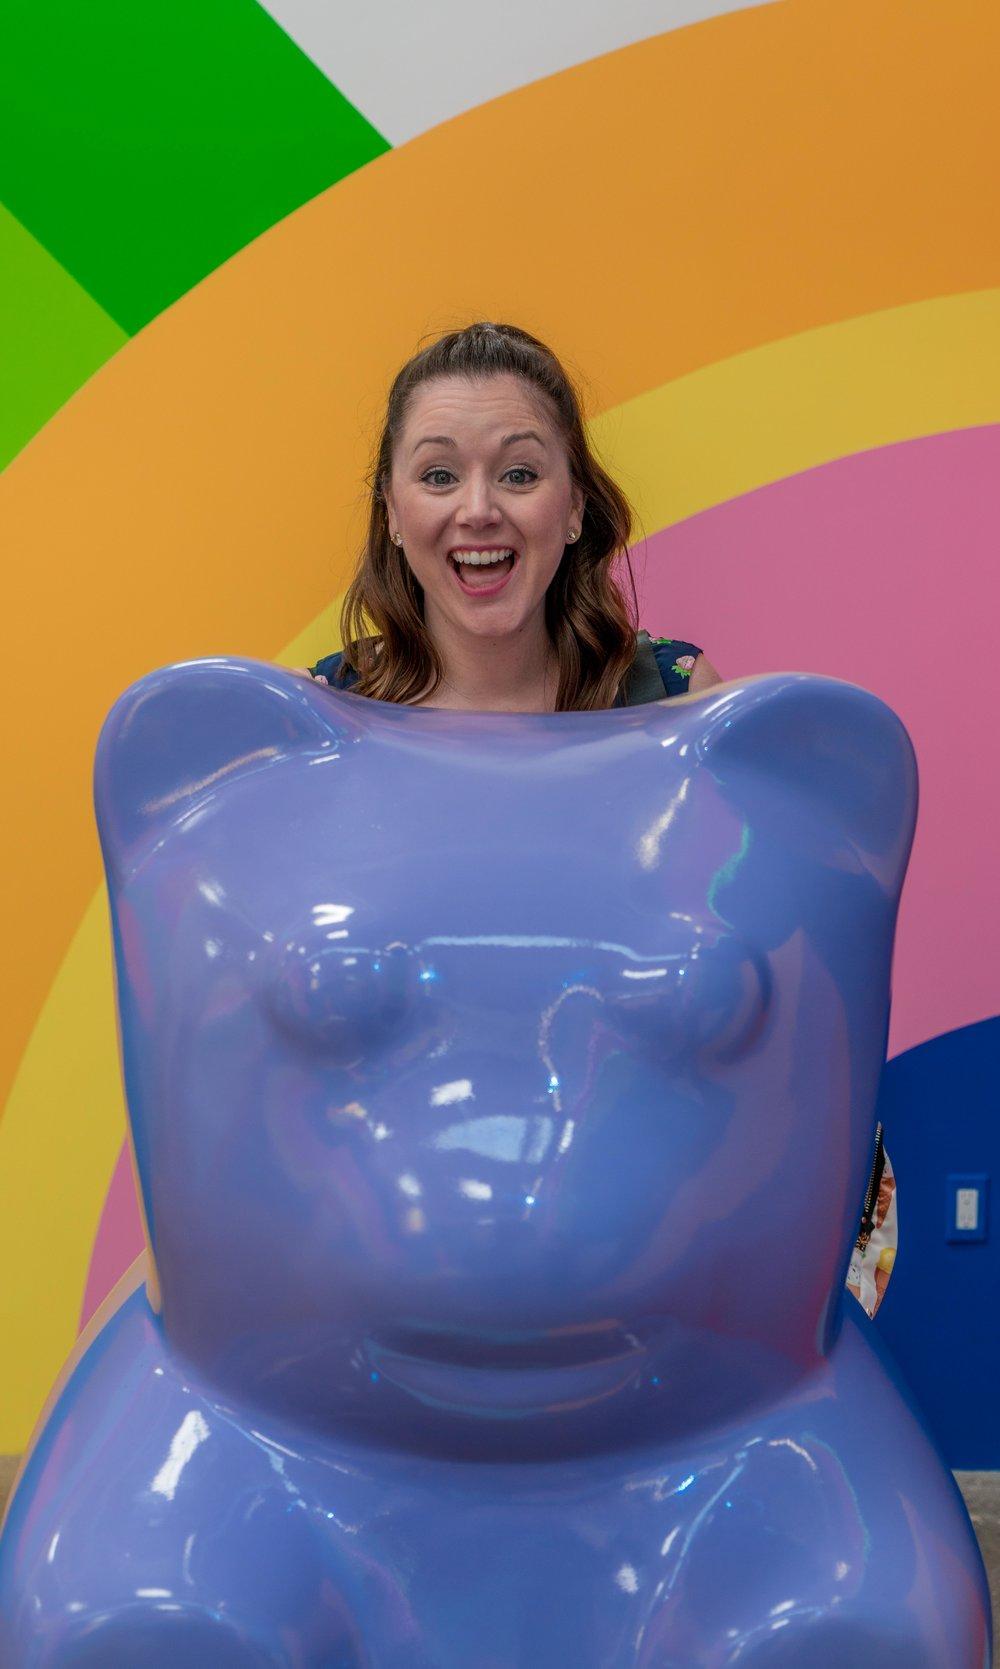 Giant Gummy Bear - Museum of Ice Cream